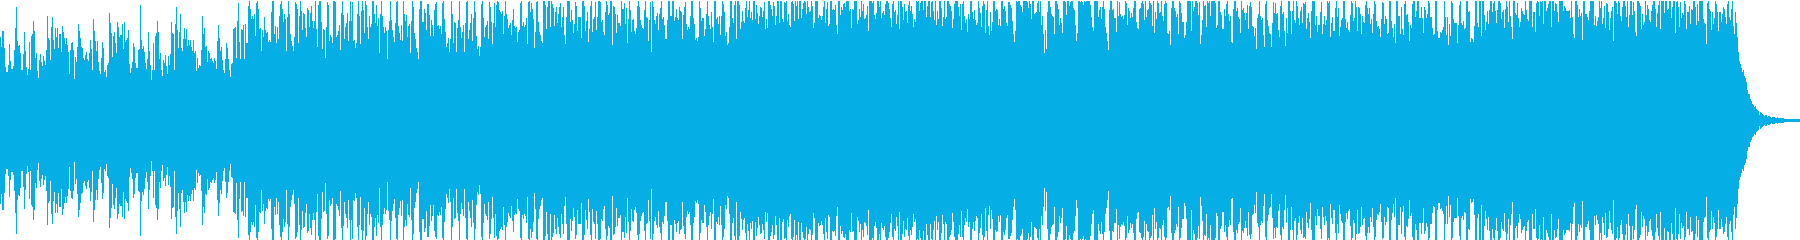 ヒリヒリするような昂ぶりのあるBGMの再生済みの波形